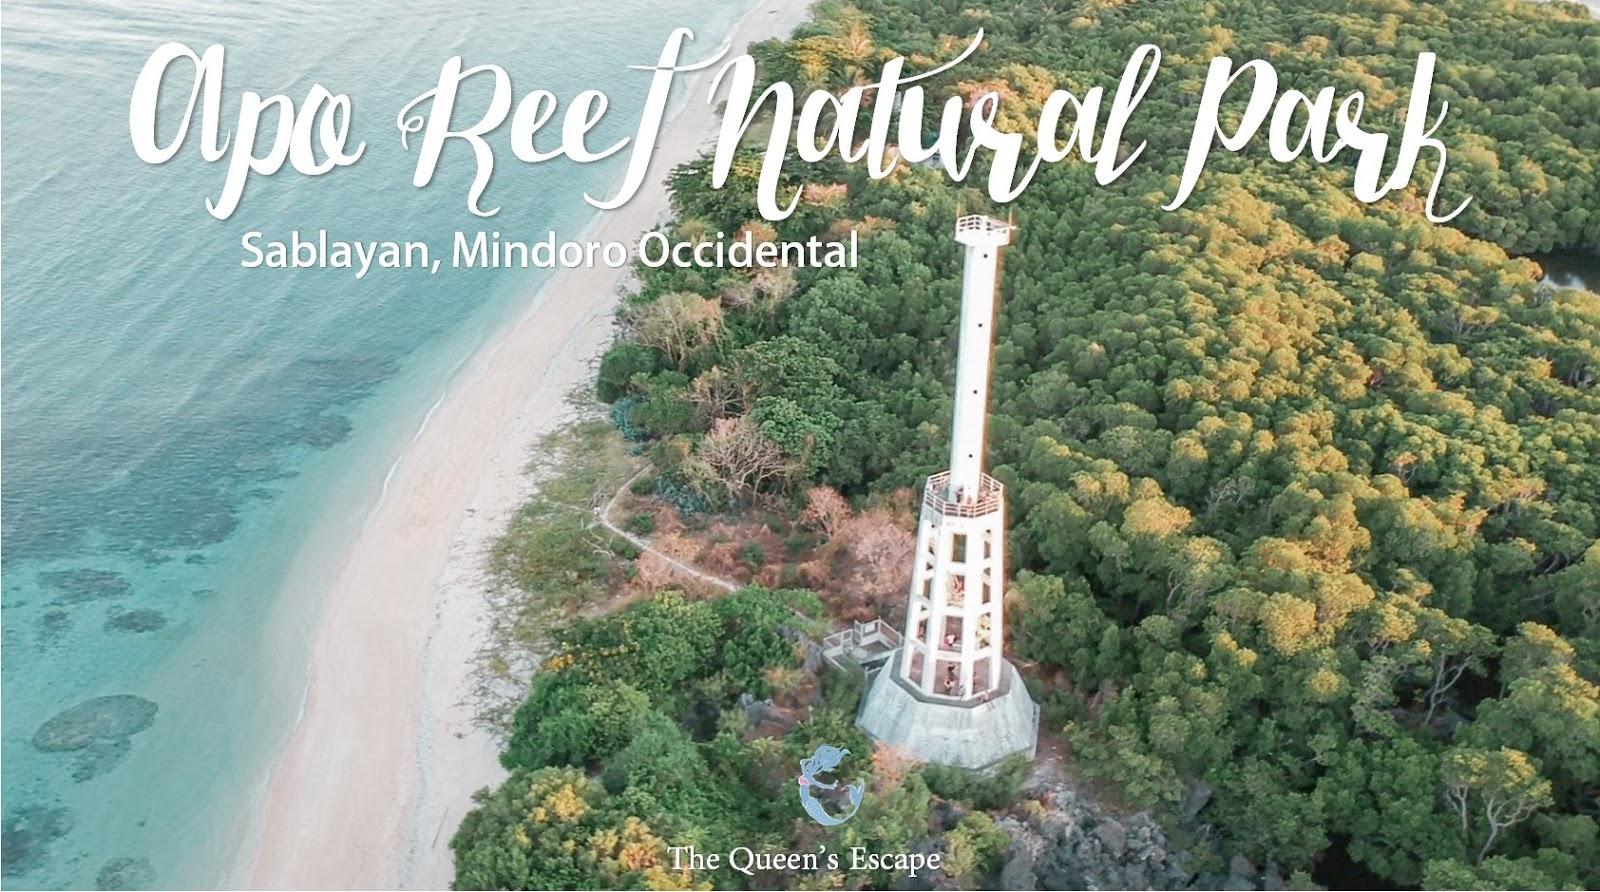 Koop Authentiek officiële leverancier aankomen Apo Reef Natural Park in Sablayan, Mindoro Occidental Travel ...